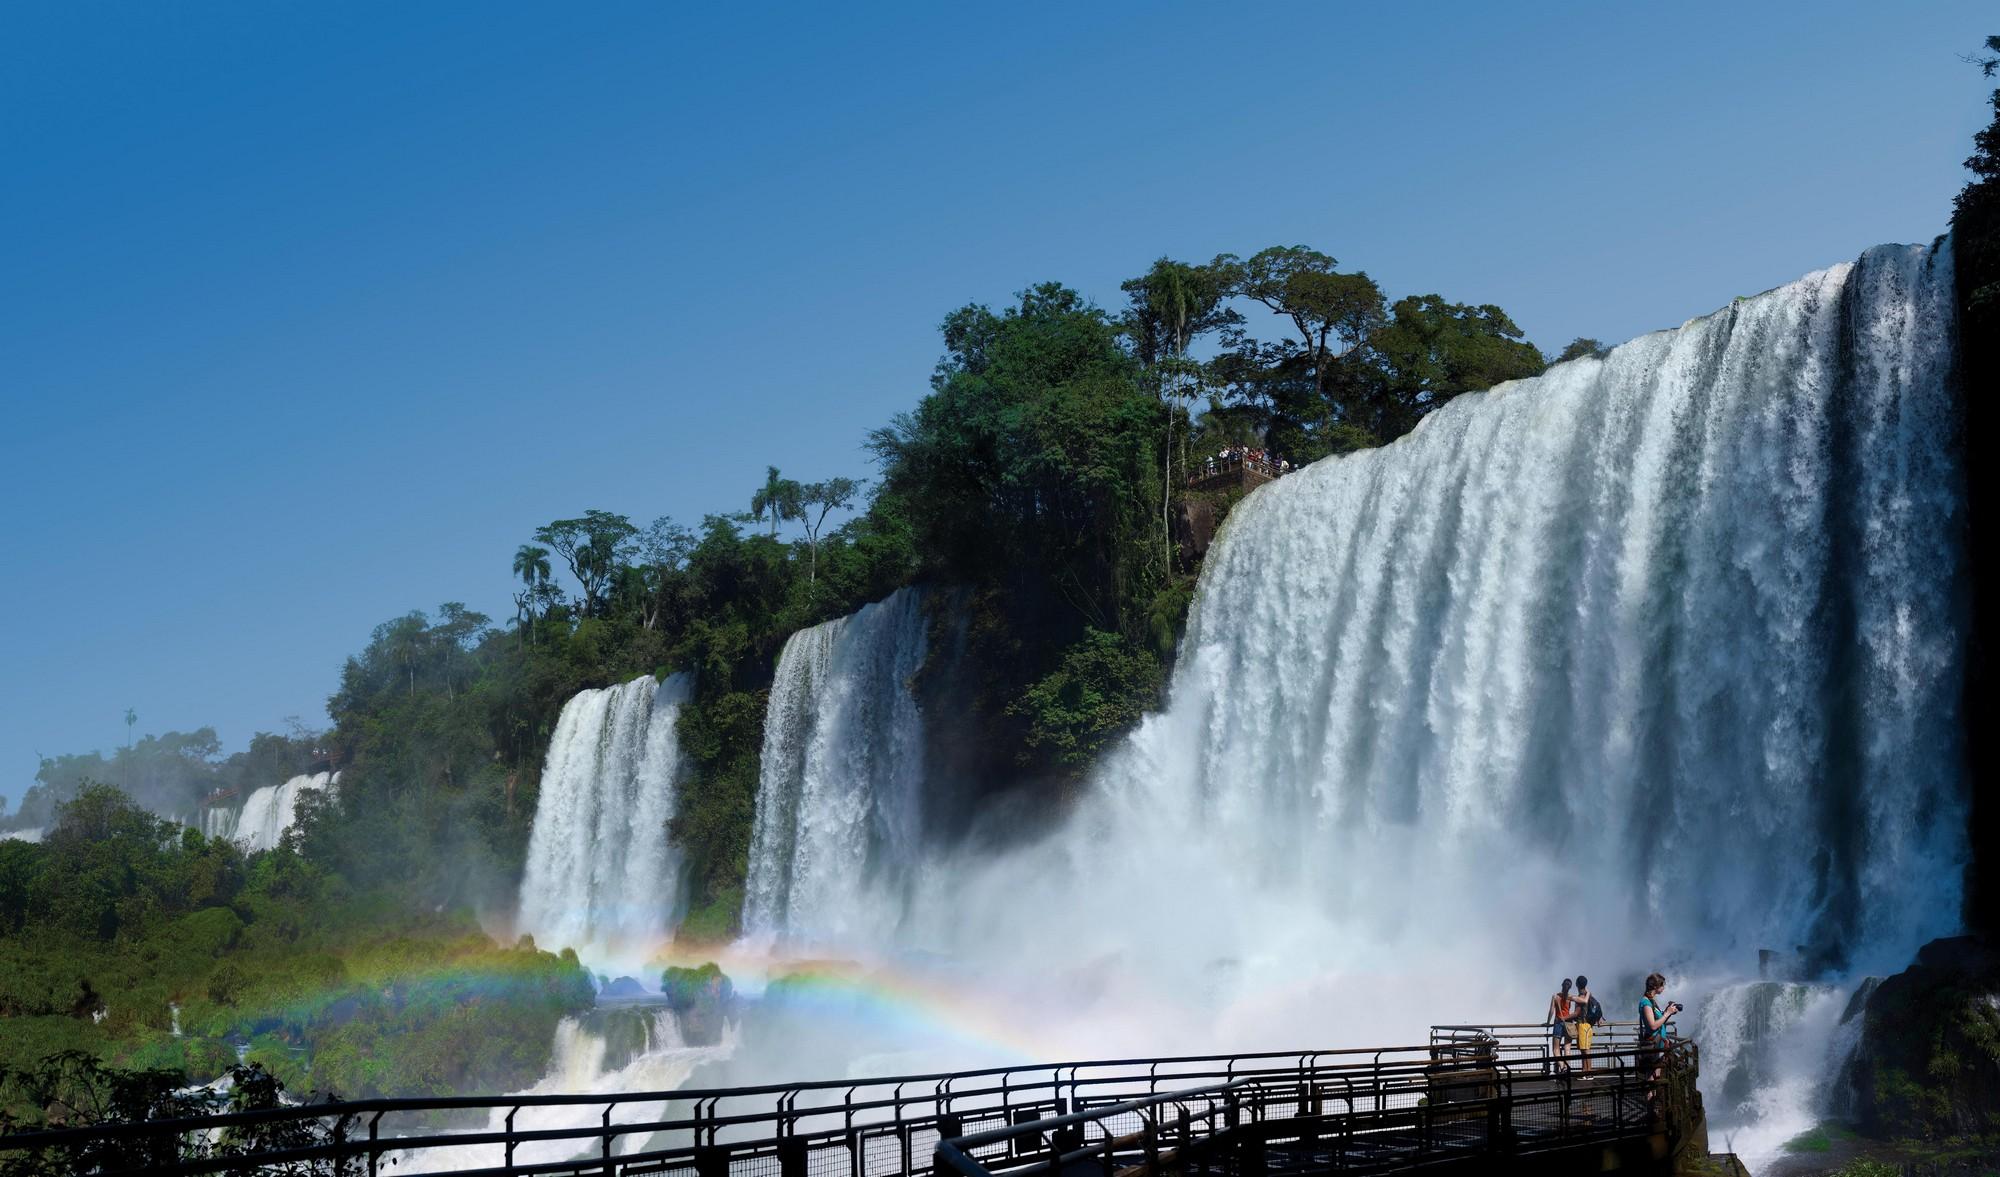 Natural-Turismo-de-Naturaleza-Parques-Nacionales-Cataratas-del-Iguaz¦-2k